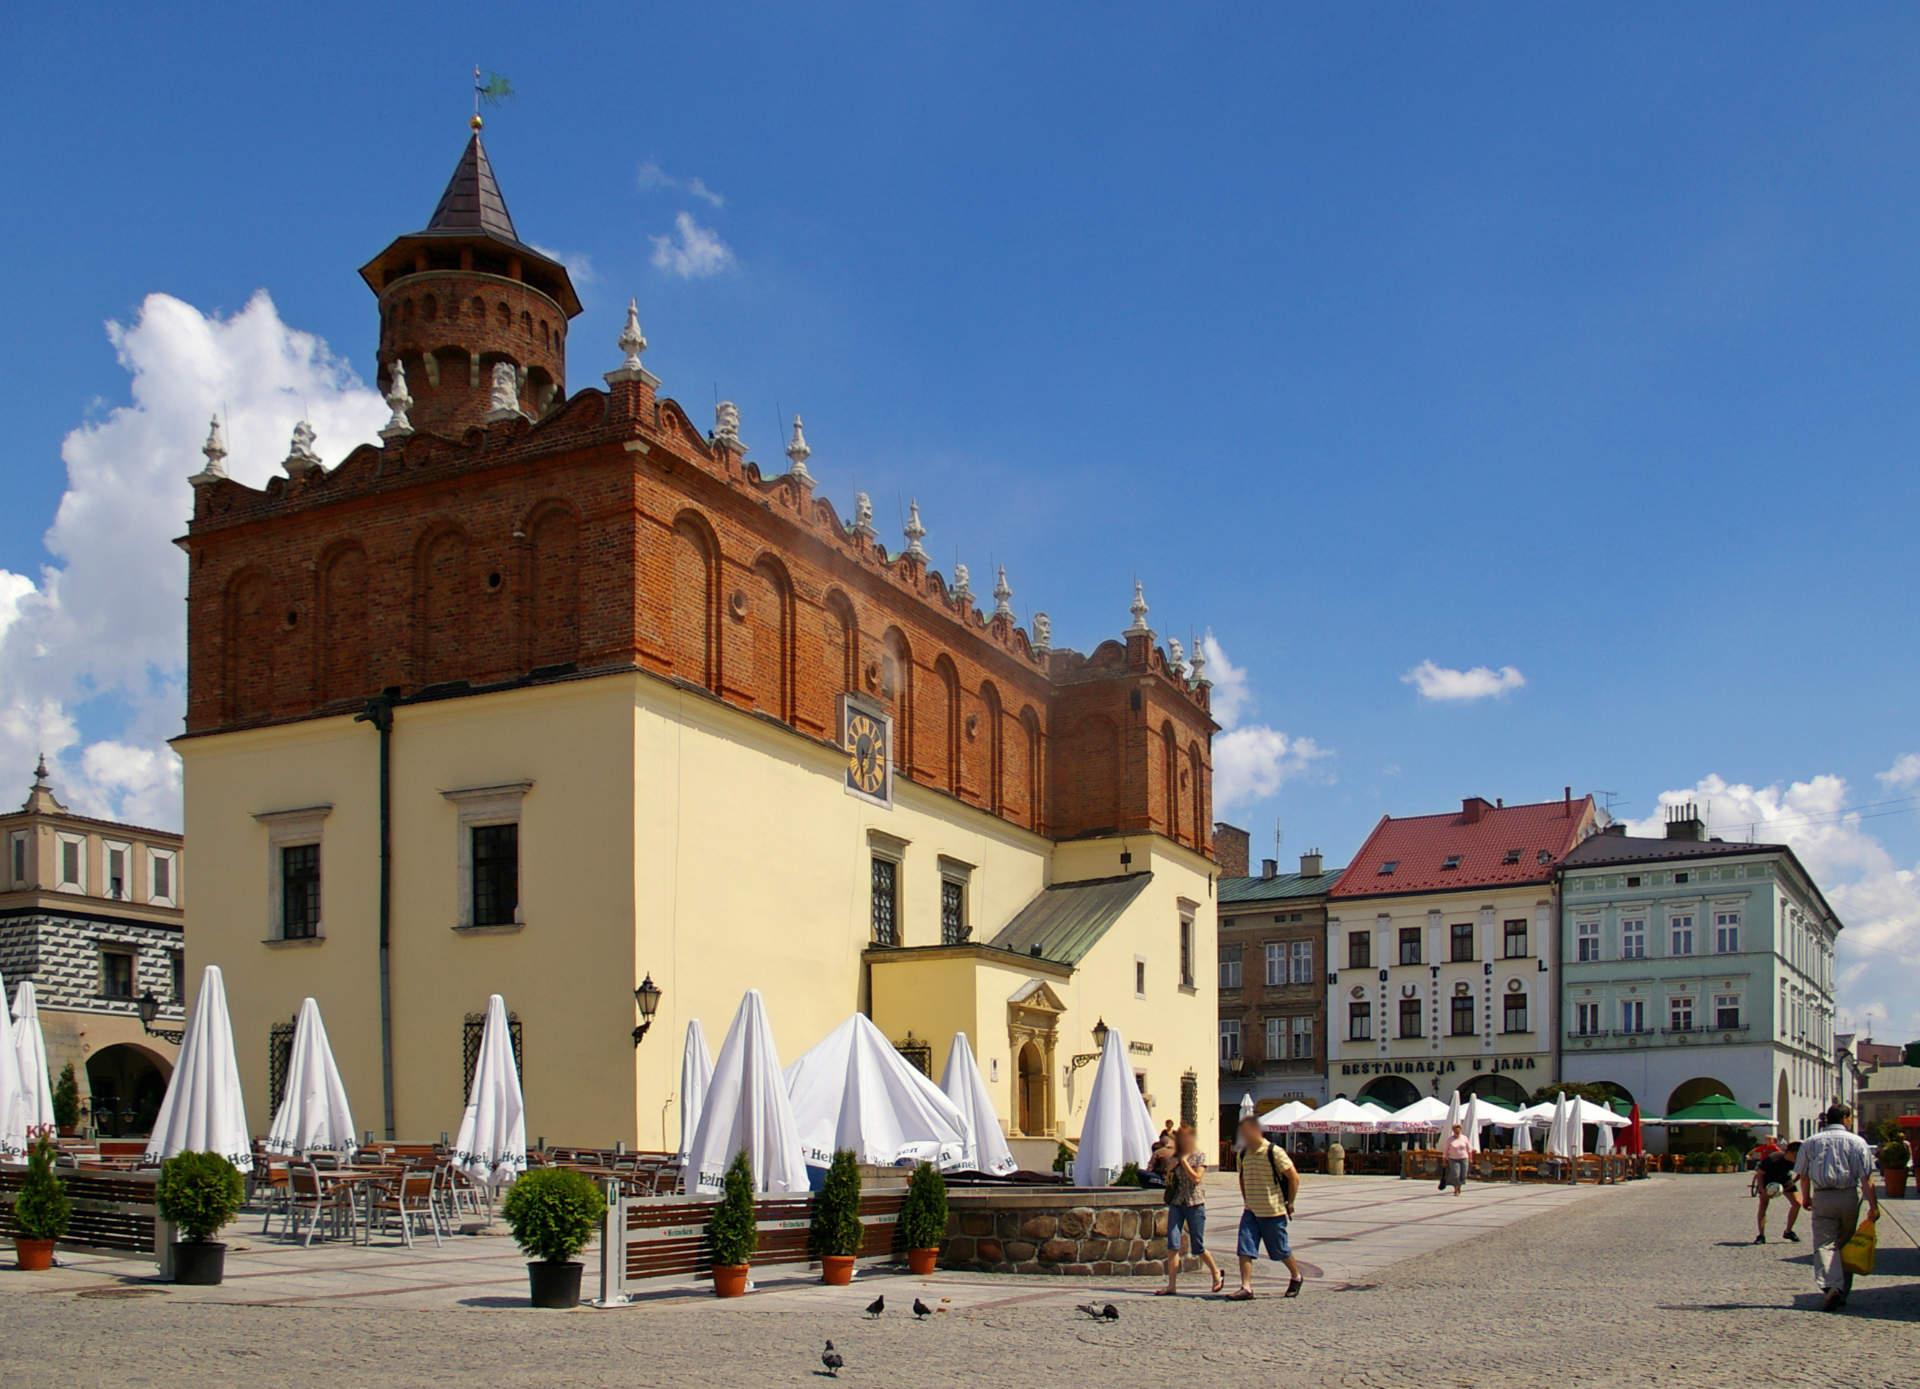 Zu sehen sind der Marktplatz und das Rathaus in Tarnow, Bild: Jakub Hałun